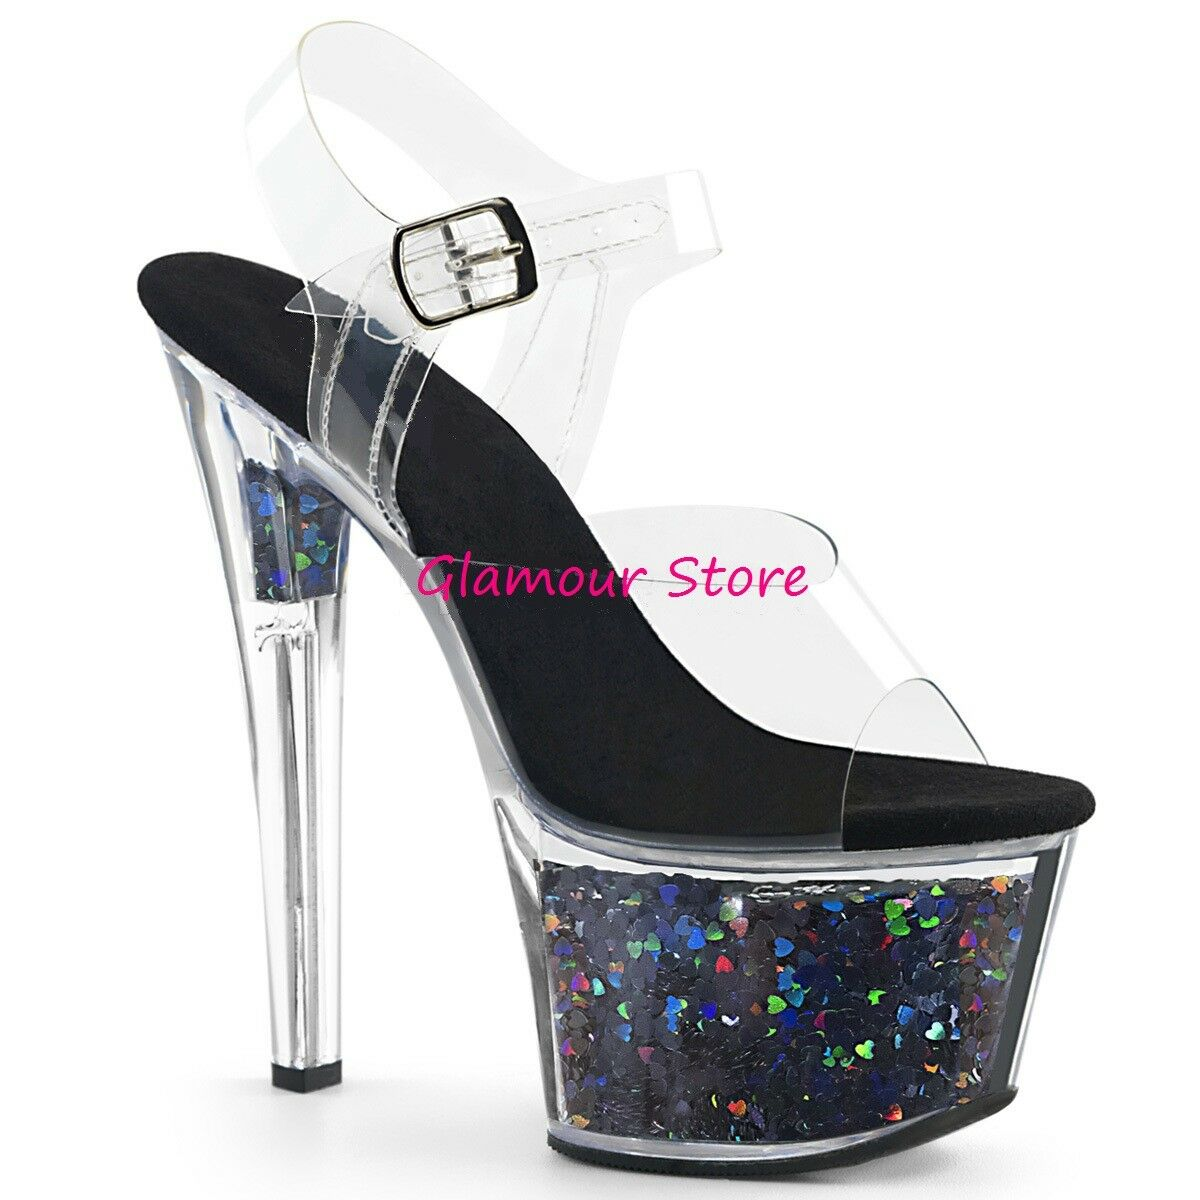 conveniente Sexy SANDALI GLITTER vari ColorI tacco 18 dal dal dal 35 al 41 plateau zapatos GLAMOUR  hermoso